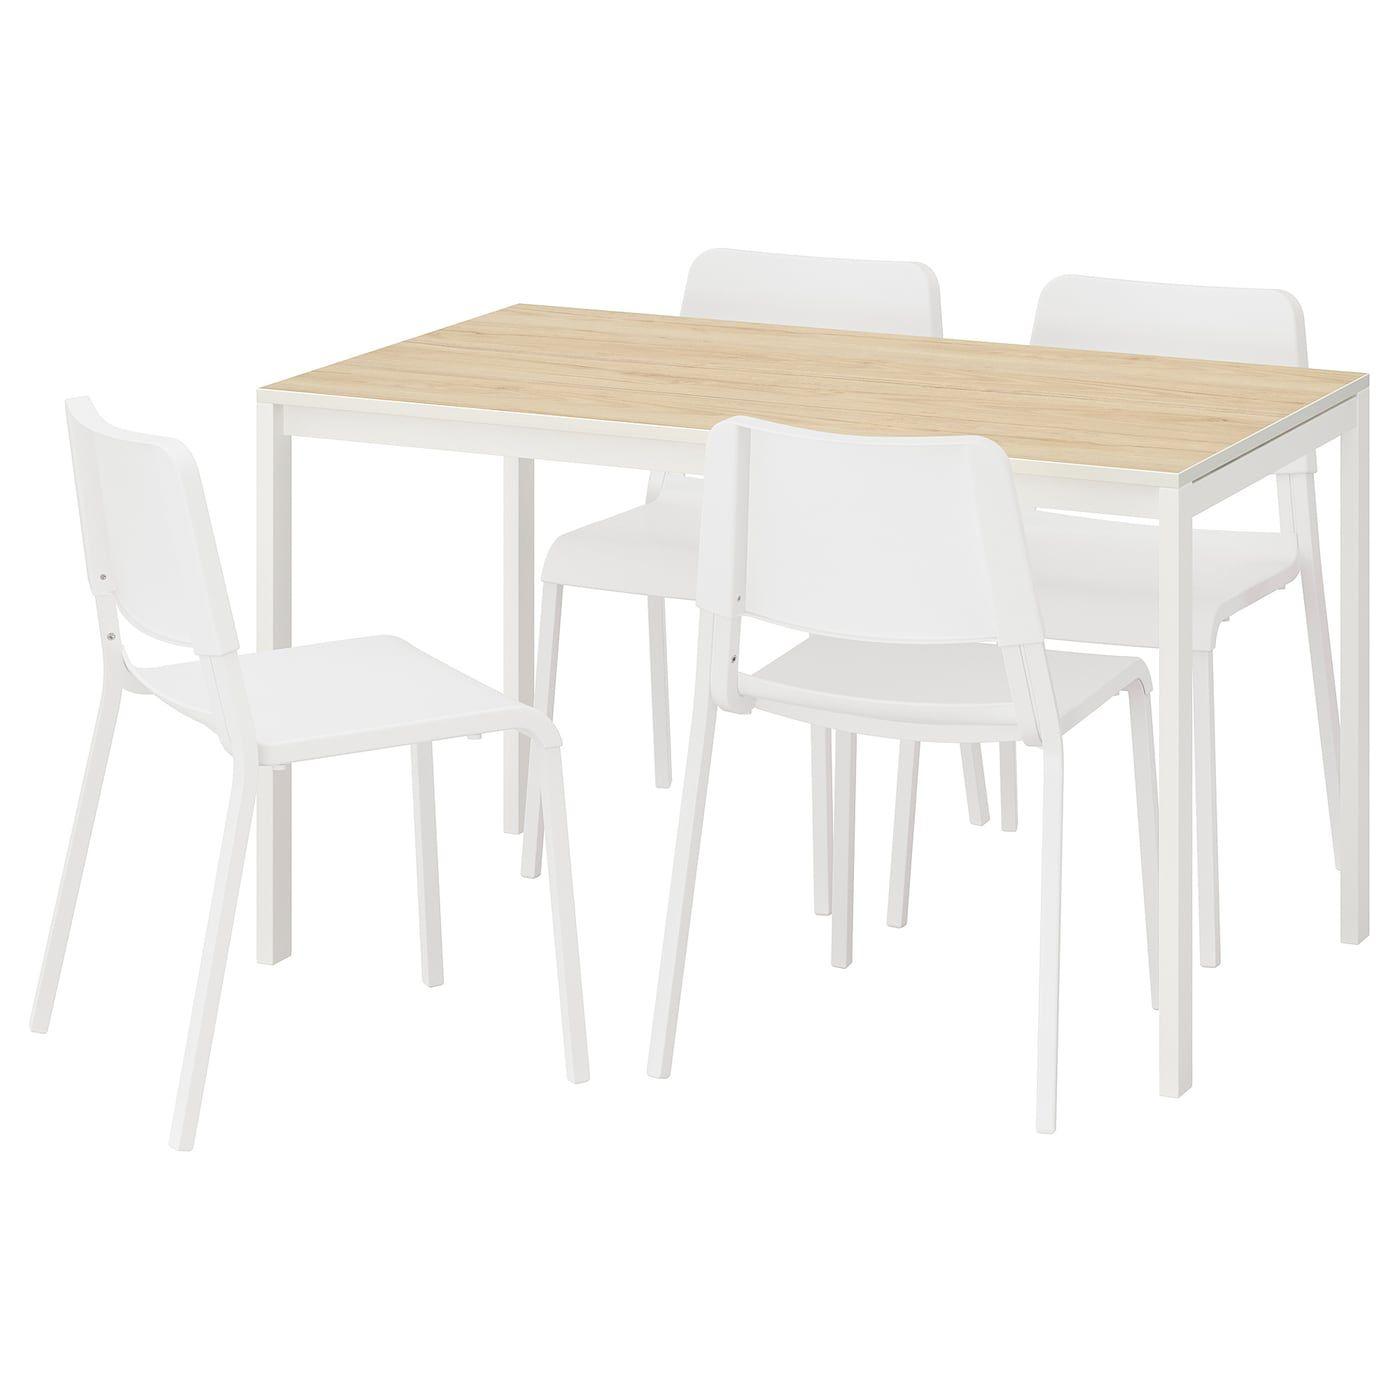 Melltorp Teodores Tisch Und 4 Stuhle Esche Weiss Couchtisch